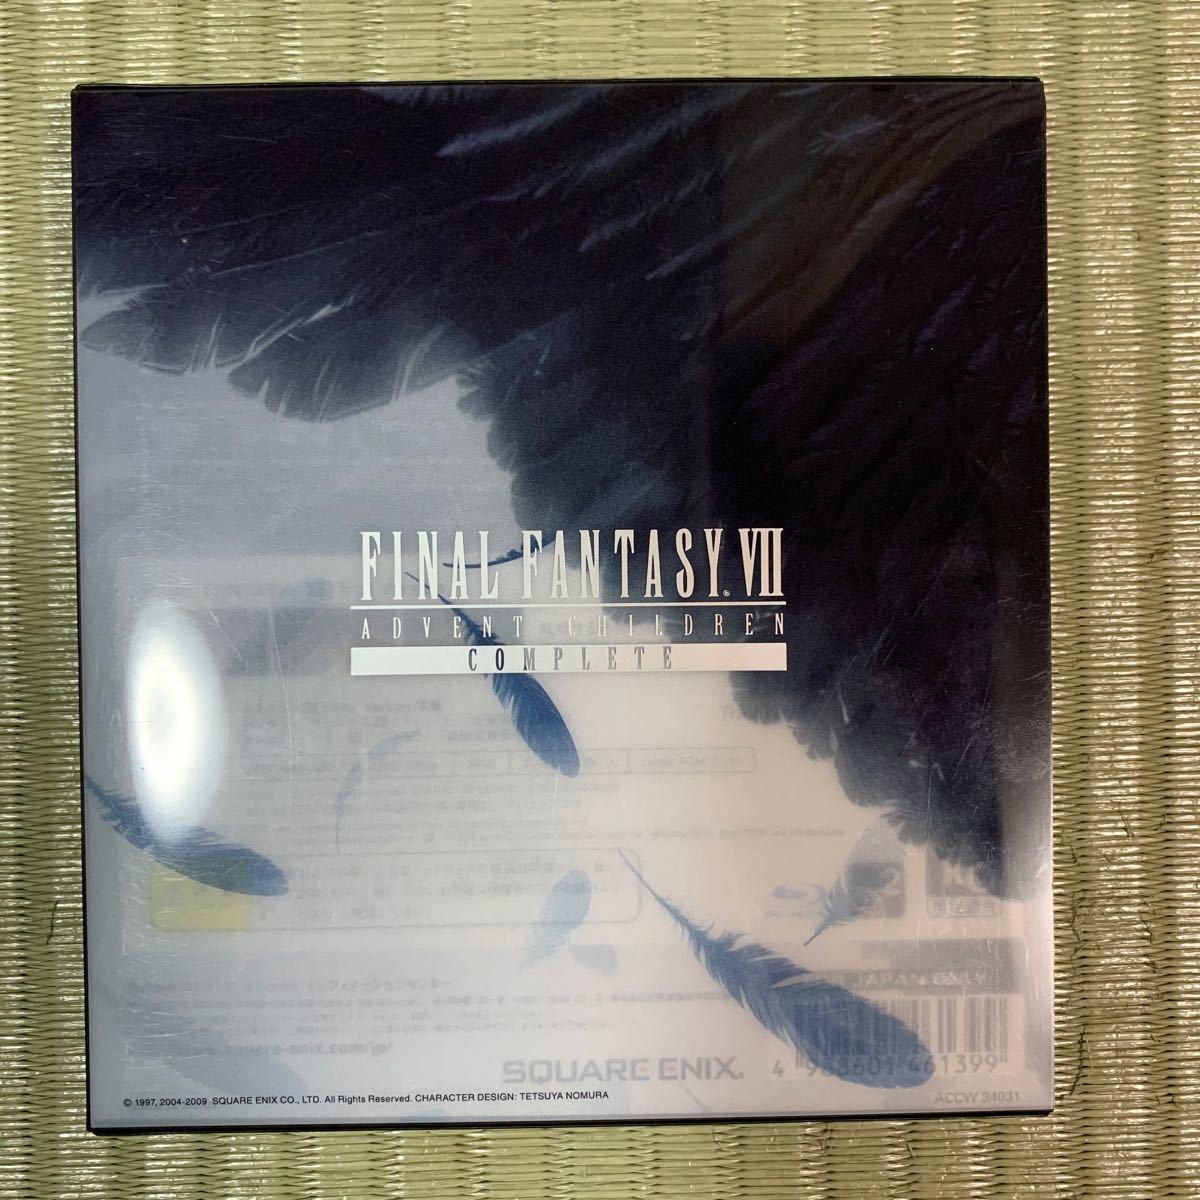 【PS3】 ファイナルファンタジー VII アドベントチルドレン コンプリート